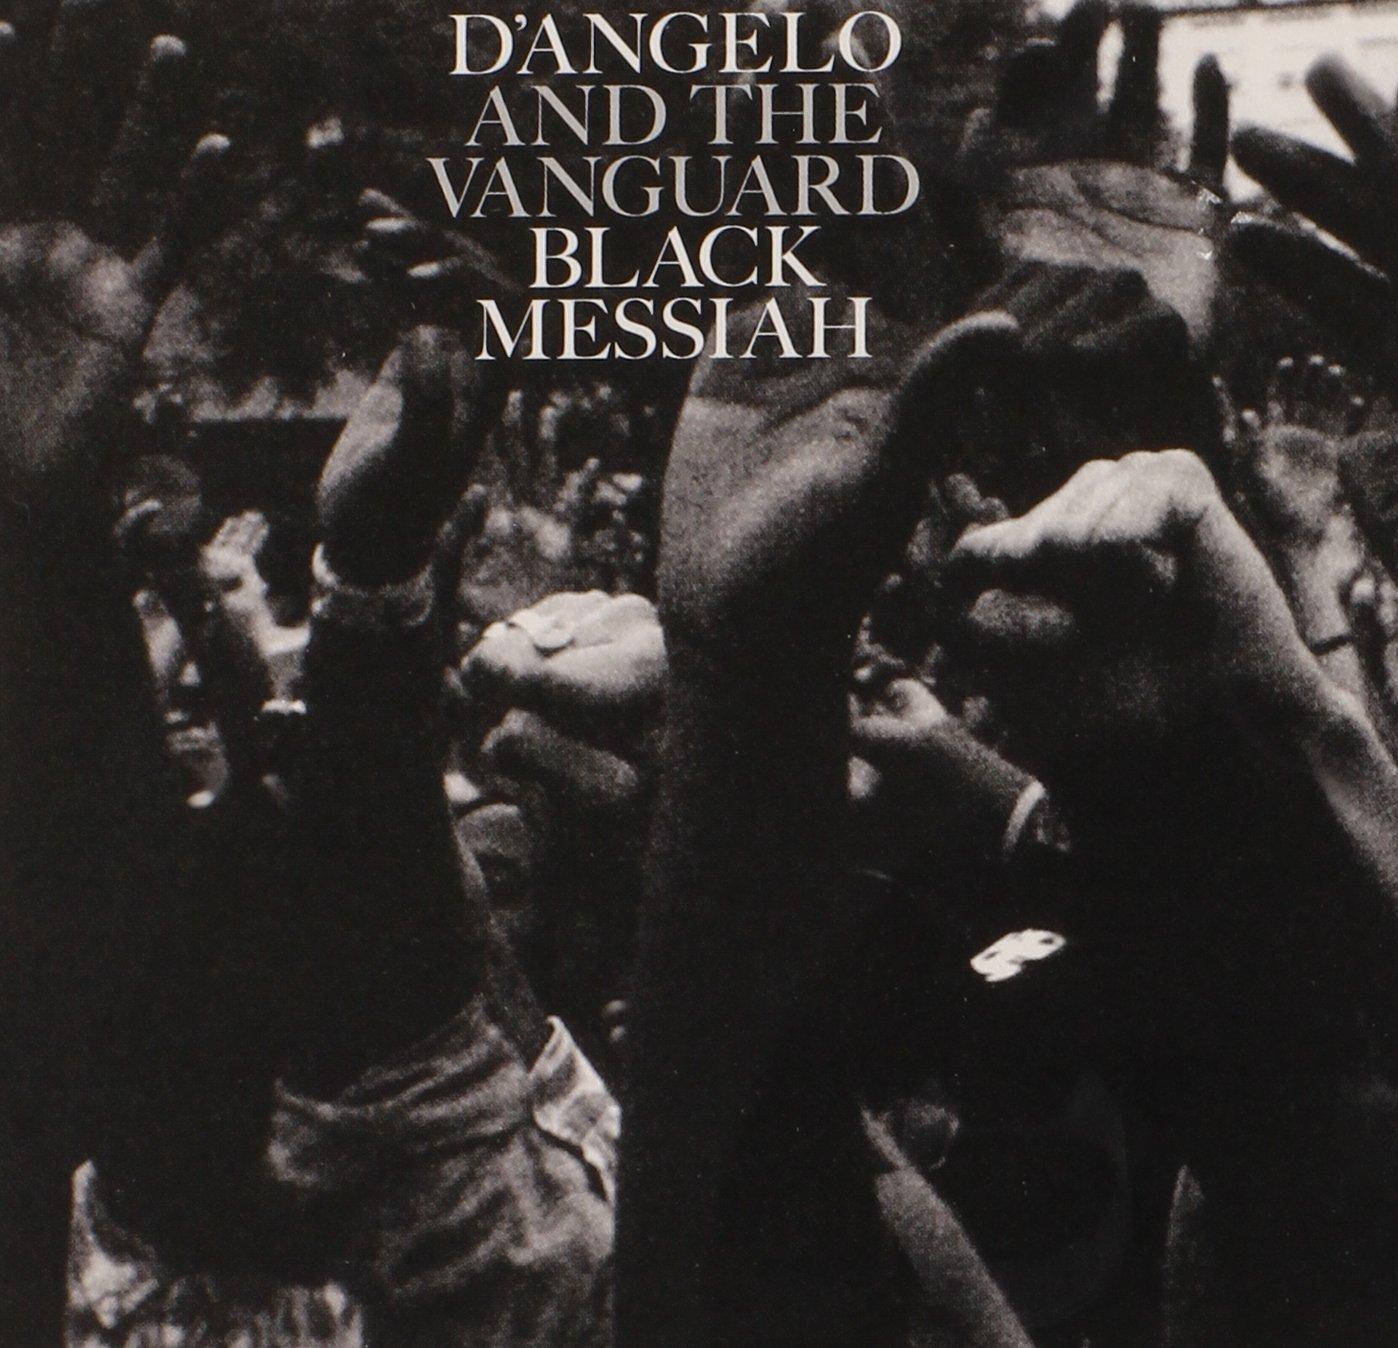 Black Messiah's Album Art